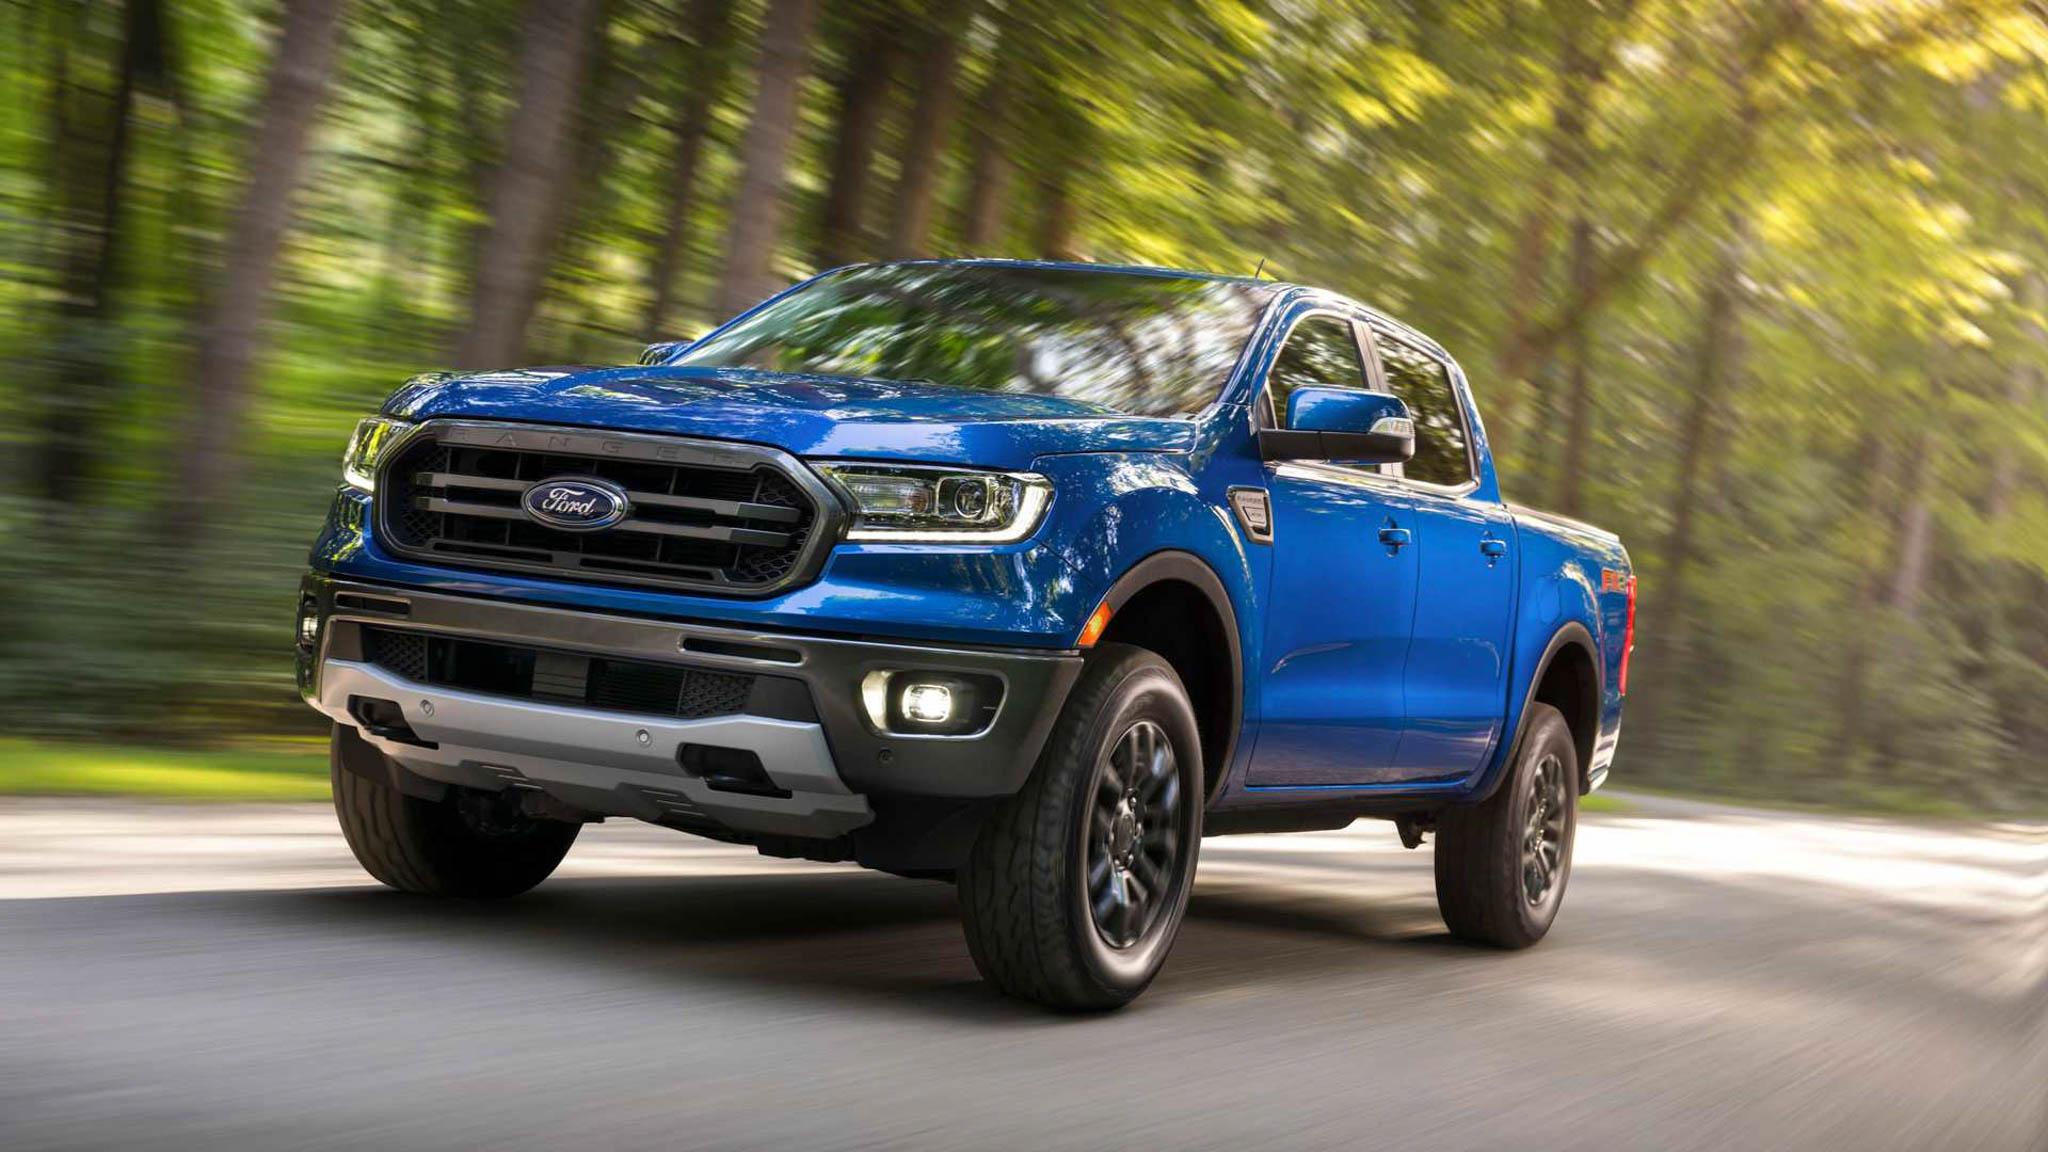 Ford Ranger thế hệ mới sẽ trang bị động cơ xăng và dầu V6 - 1